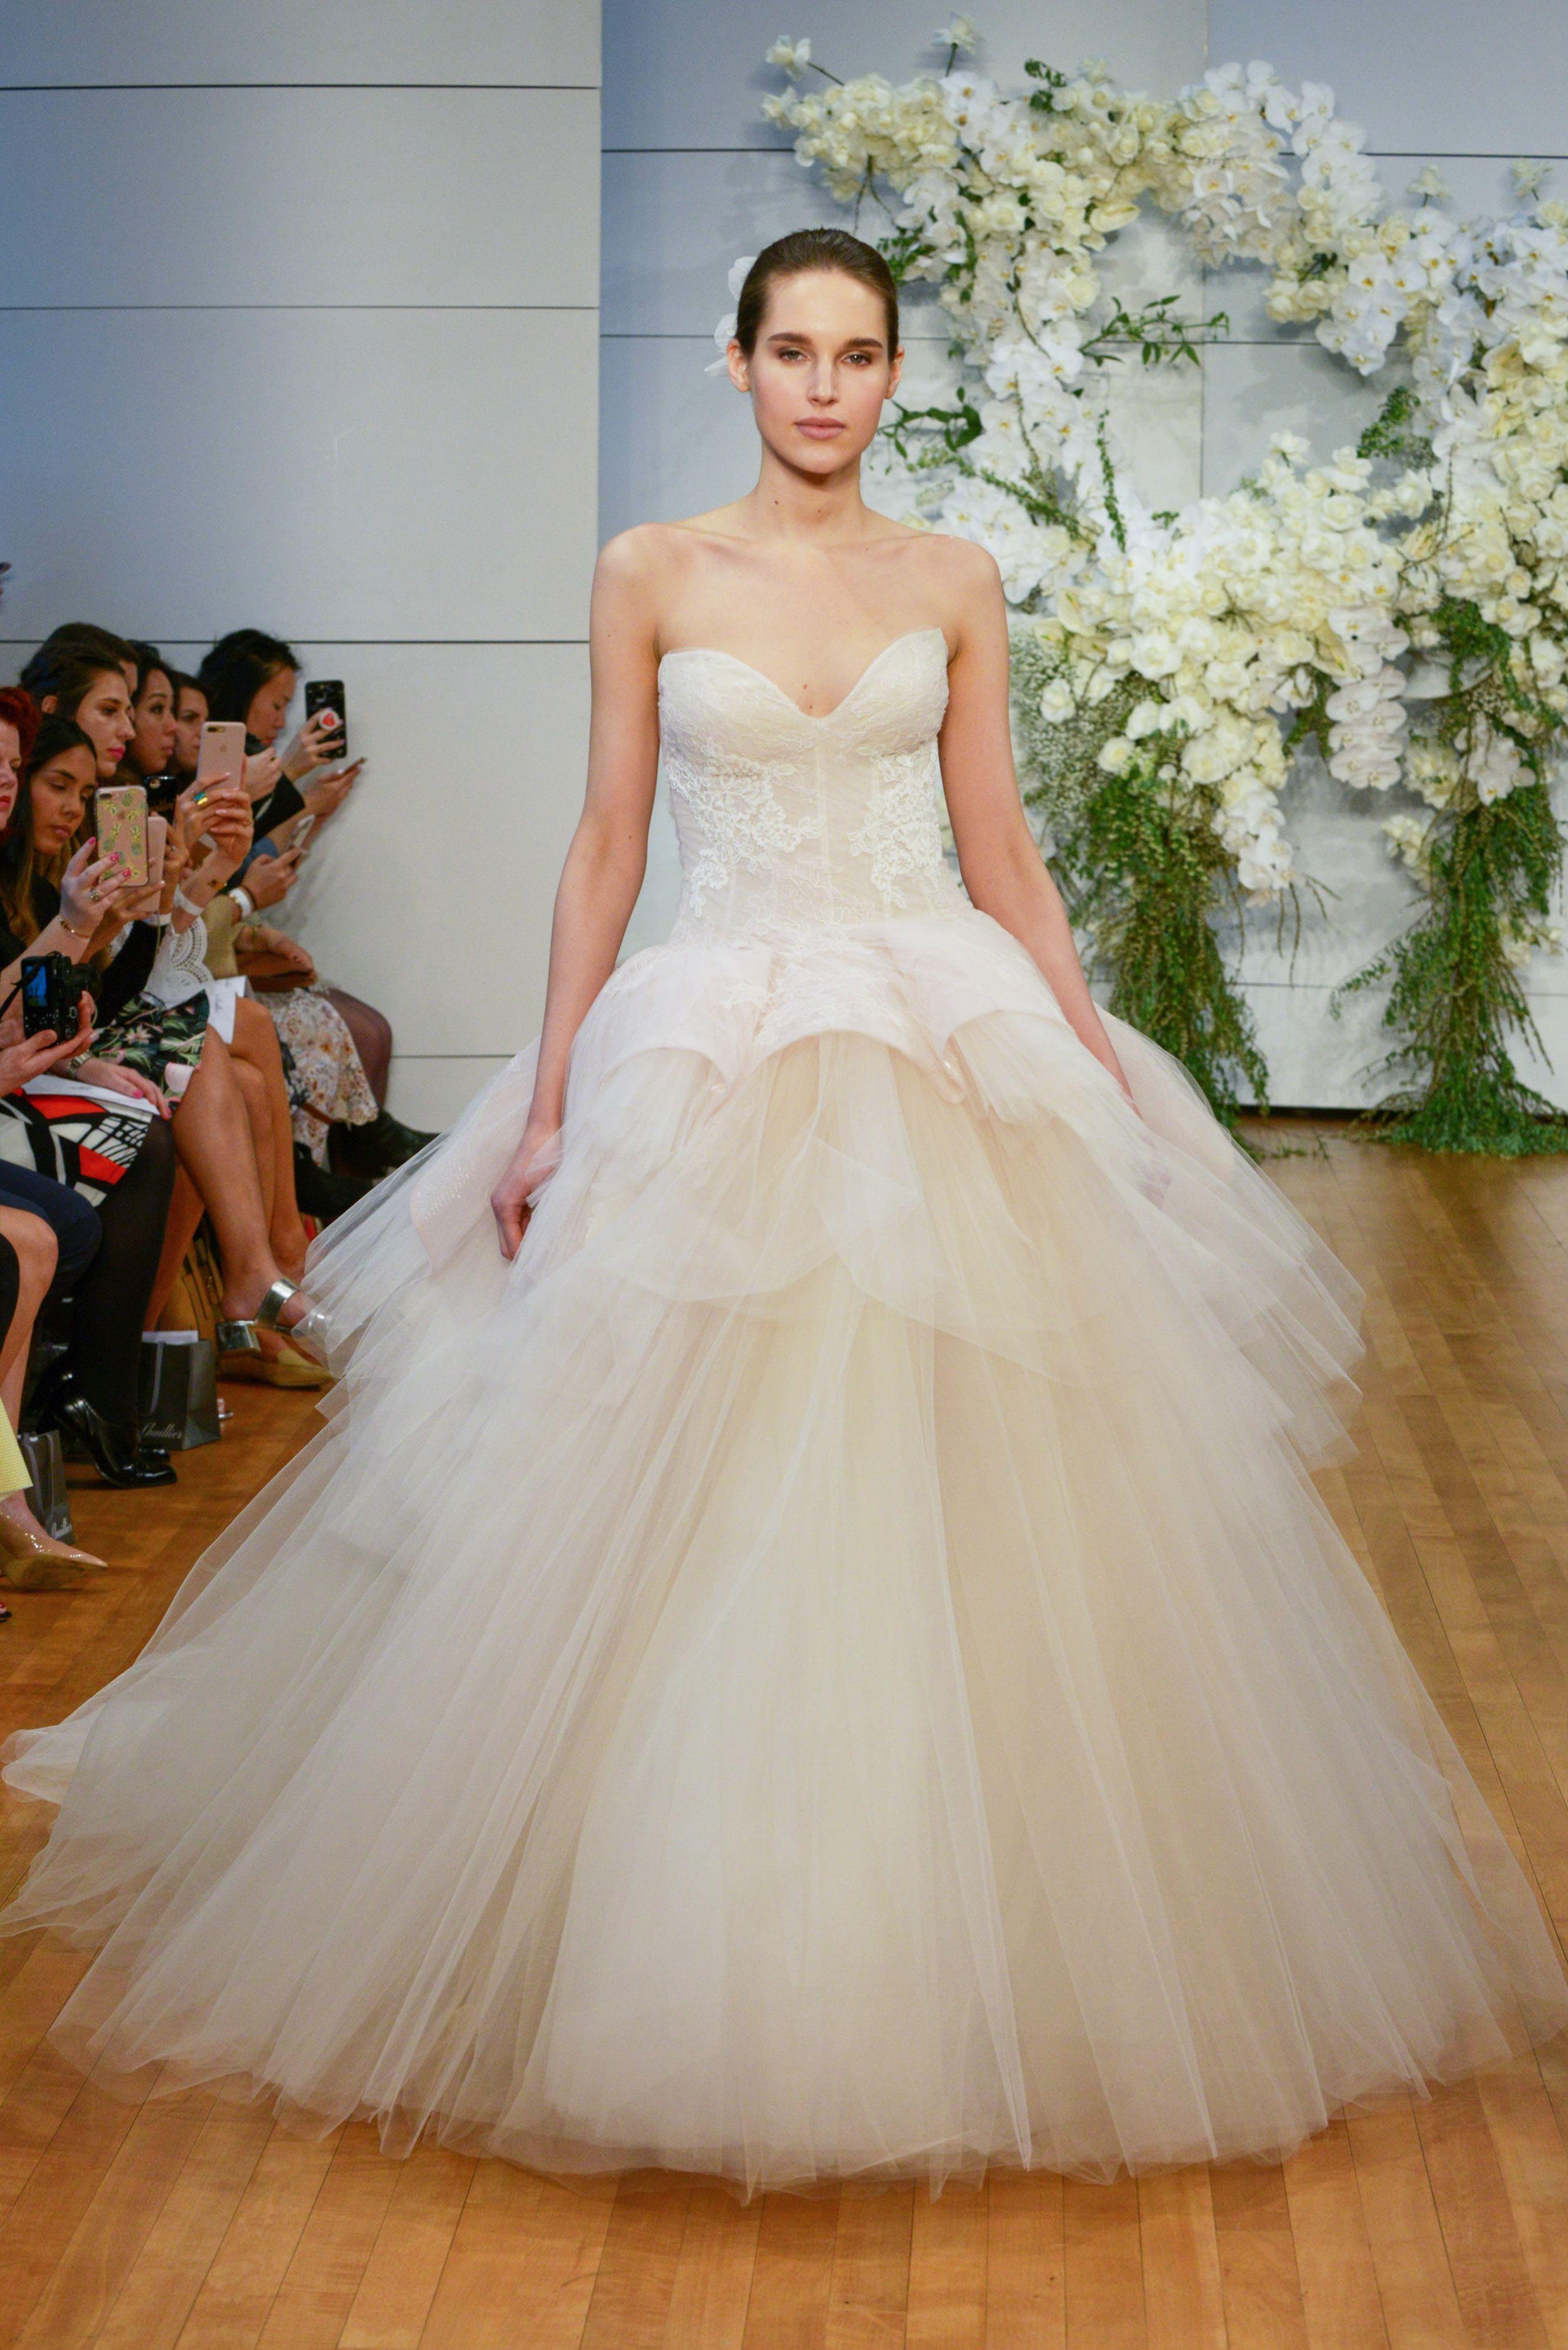 Fleur wedding dress  Pin by Monique Lhuillier on Spring  Bridal  Pinterest  Monique